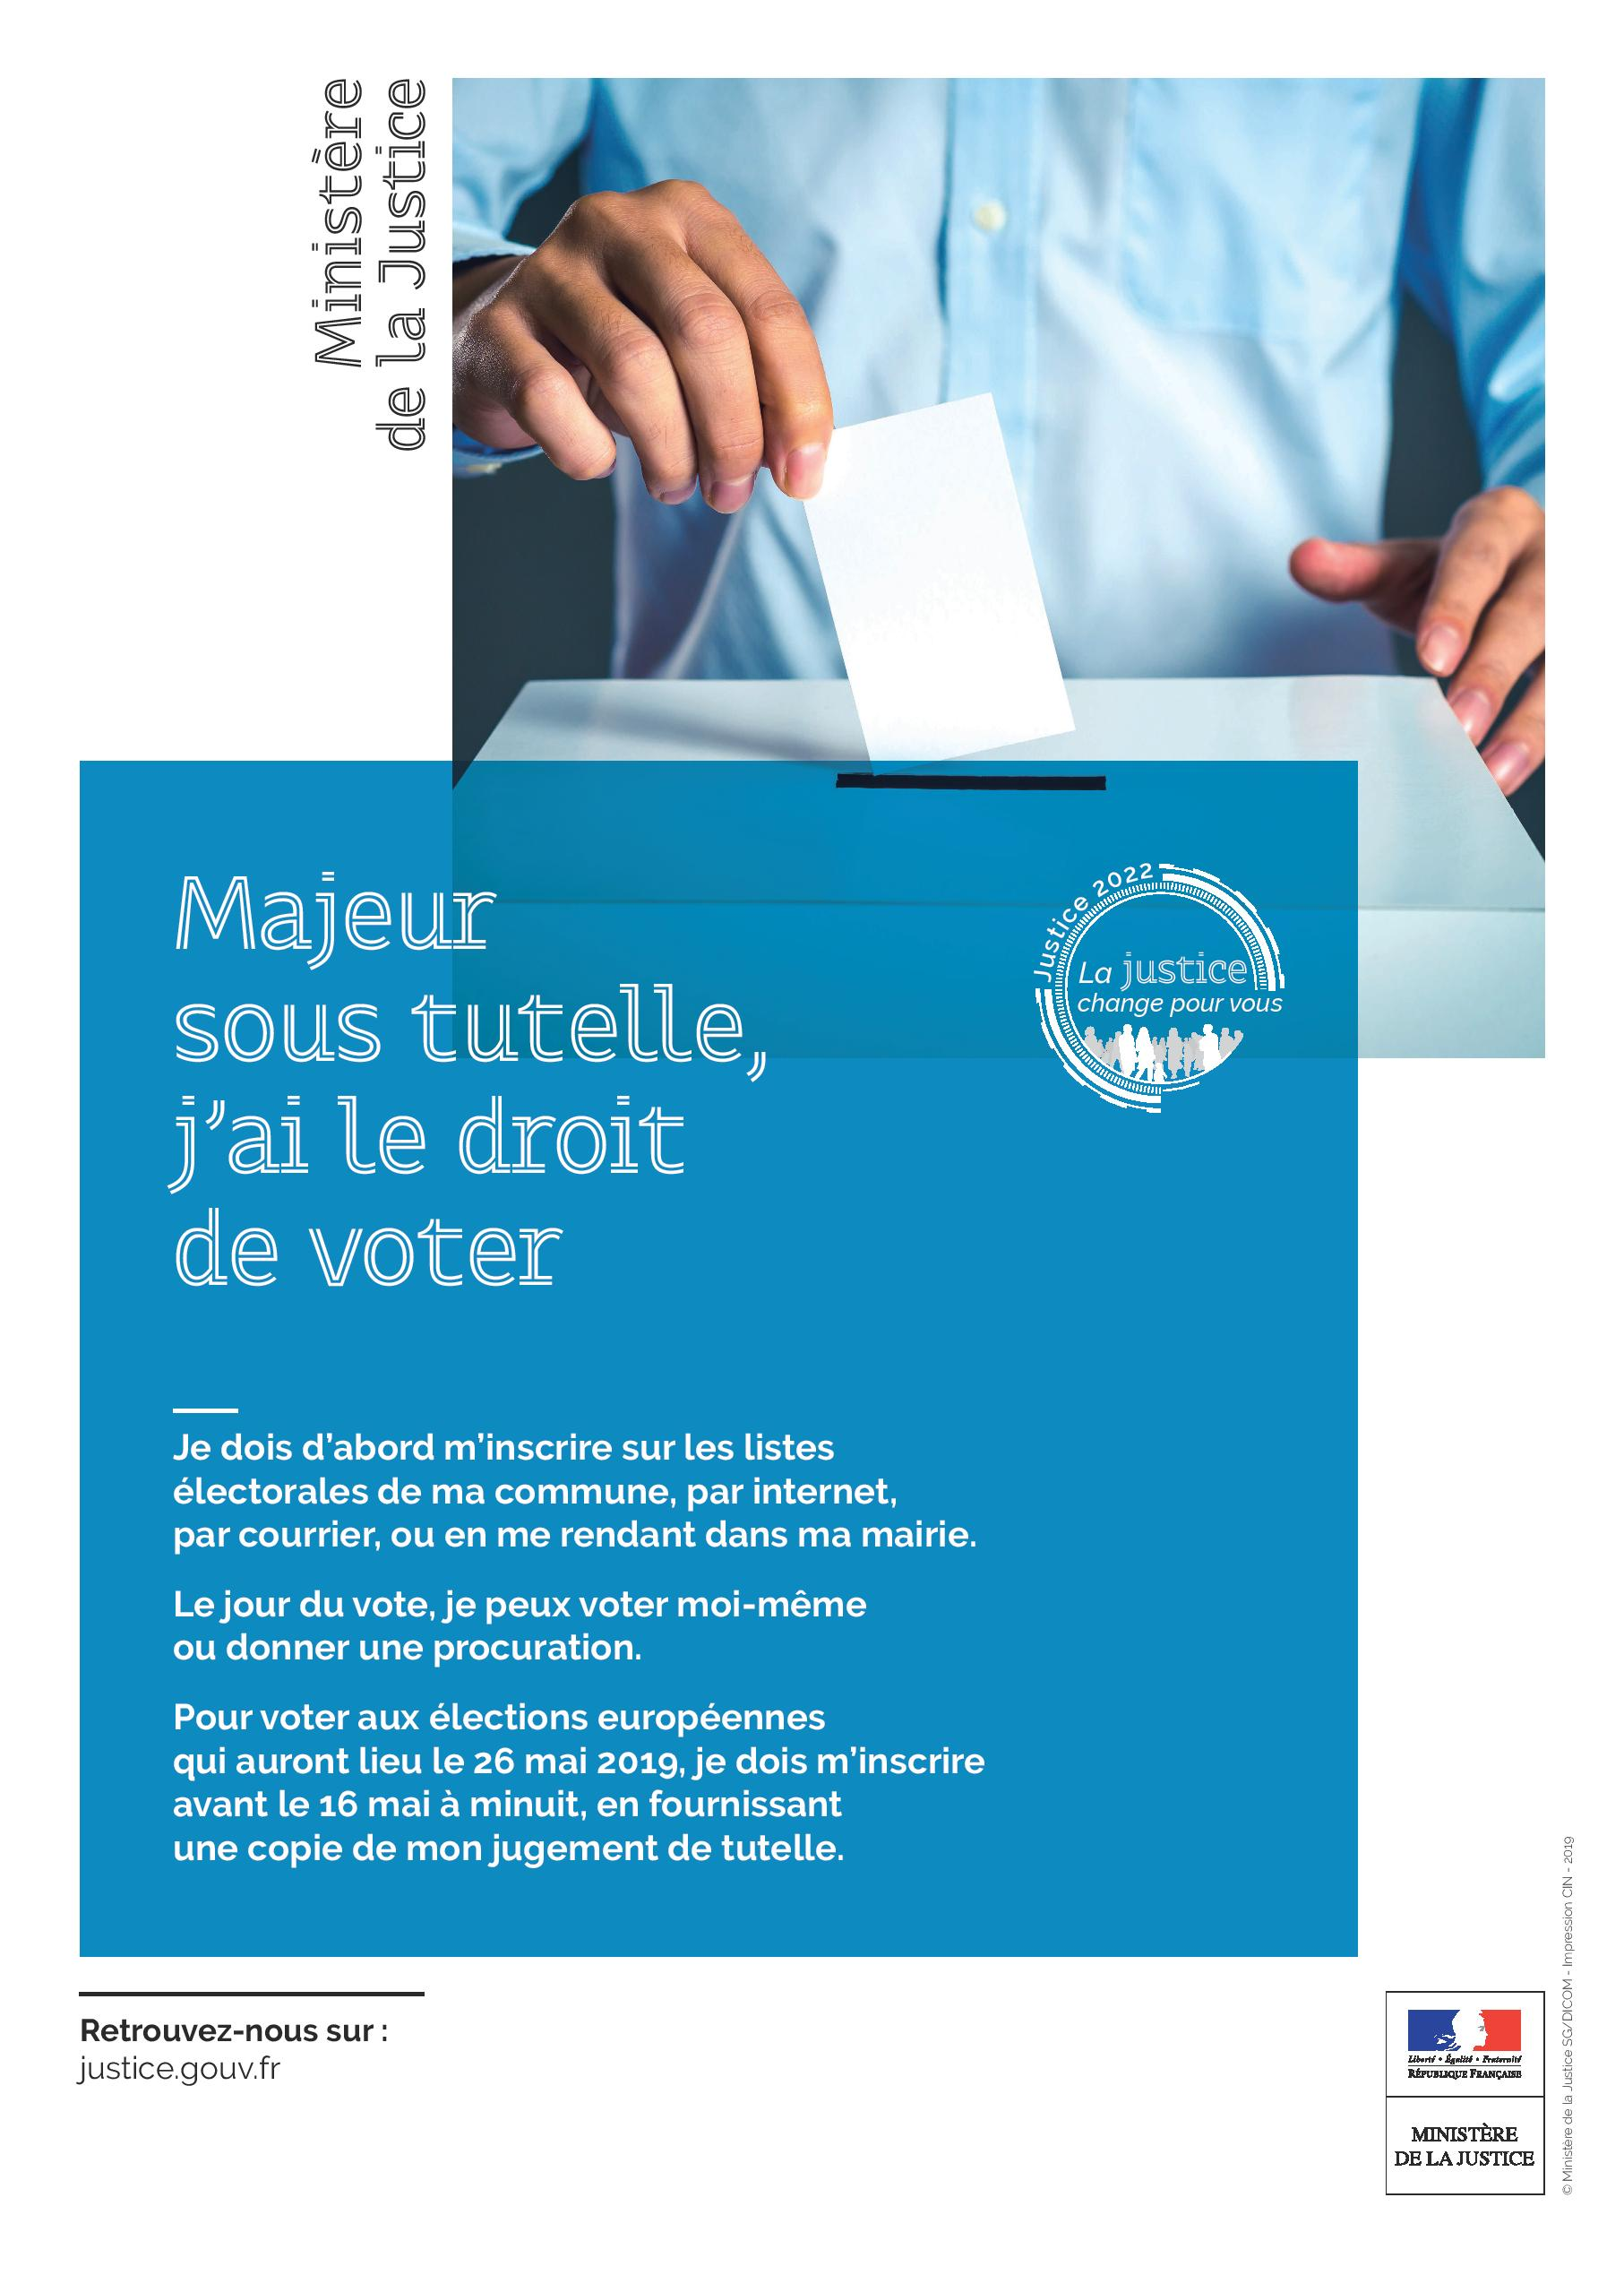 Vote des personnes sous tutelle :